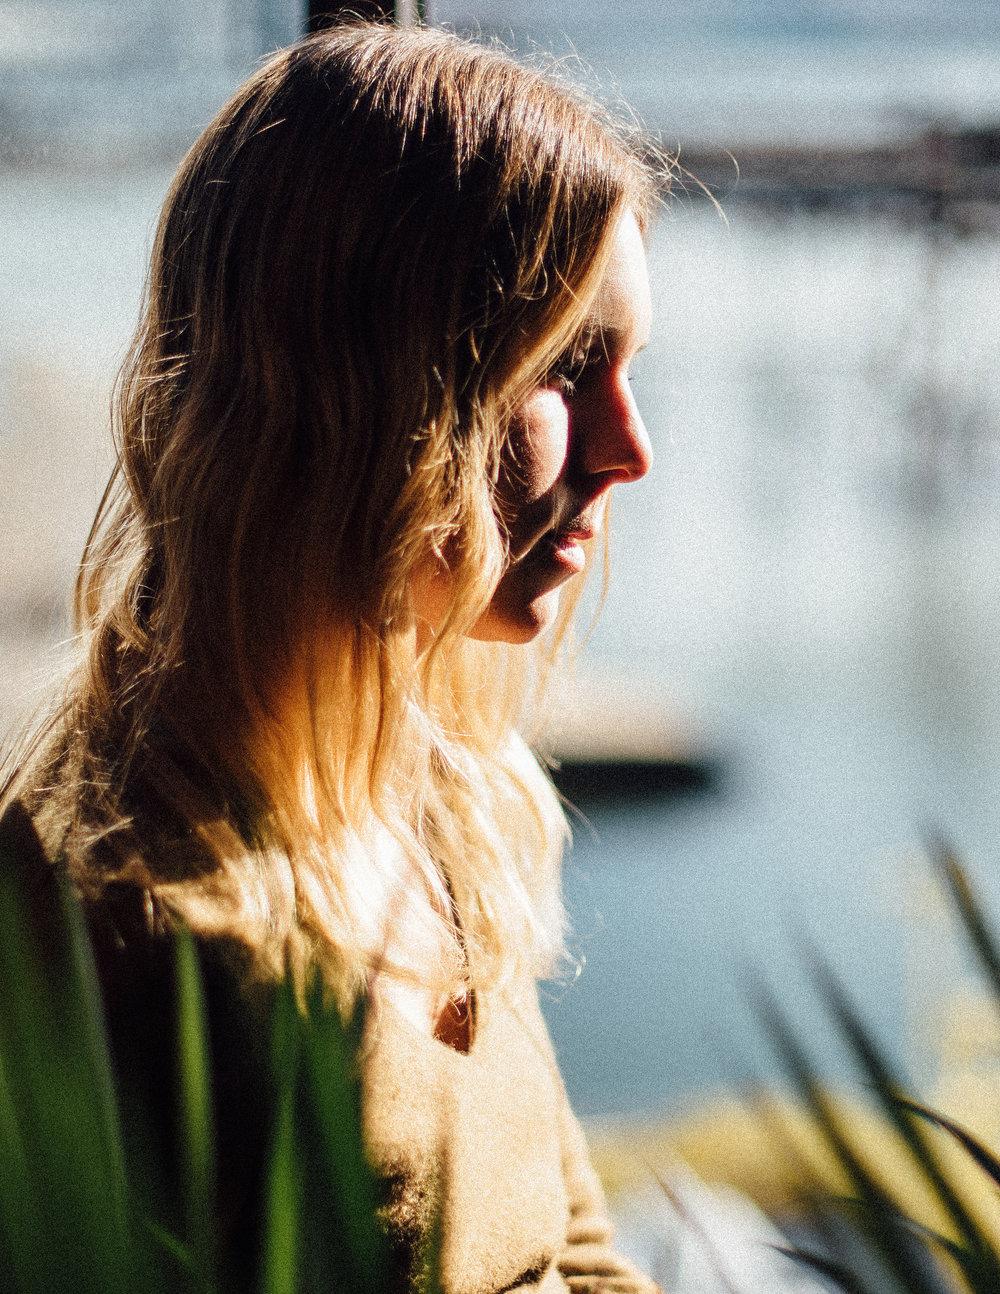 Mia Berg - Brooklyn, NY - 2015